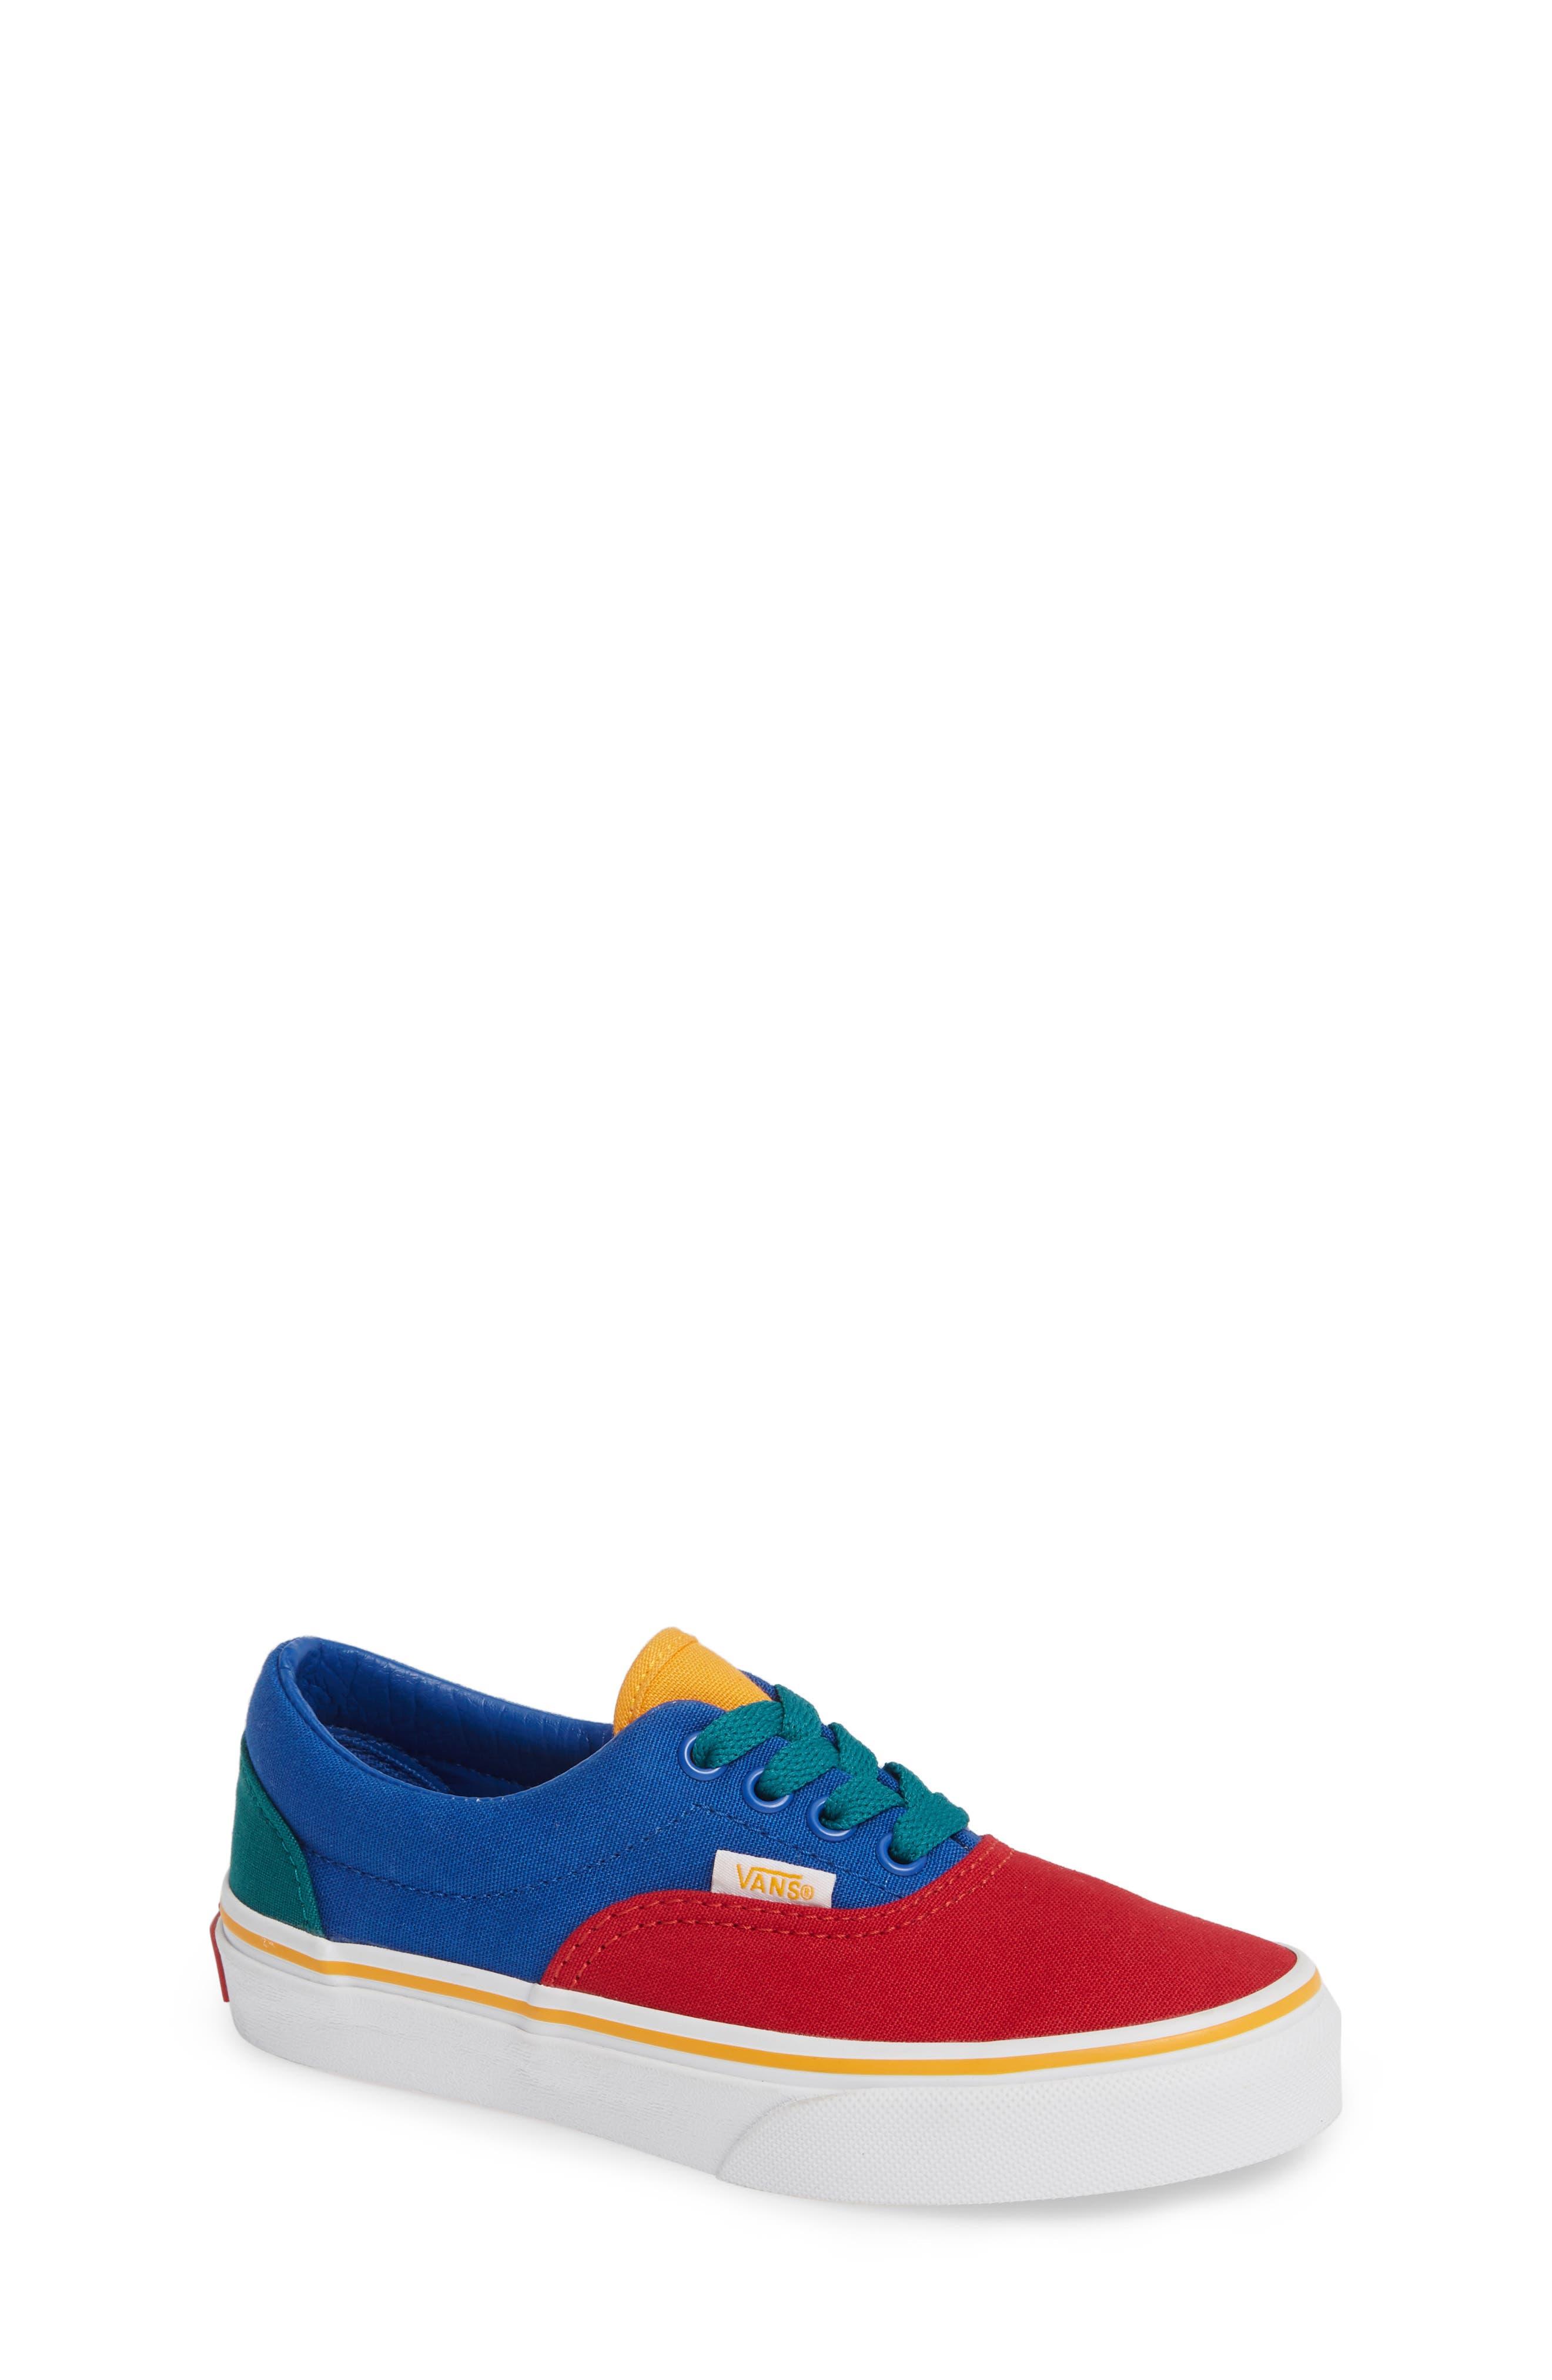 'Era' Sneaker,                             Main thumbnail 1, color,                             LAPIS BLUE/ TRUE WHITE